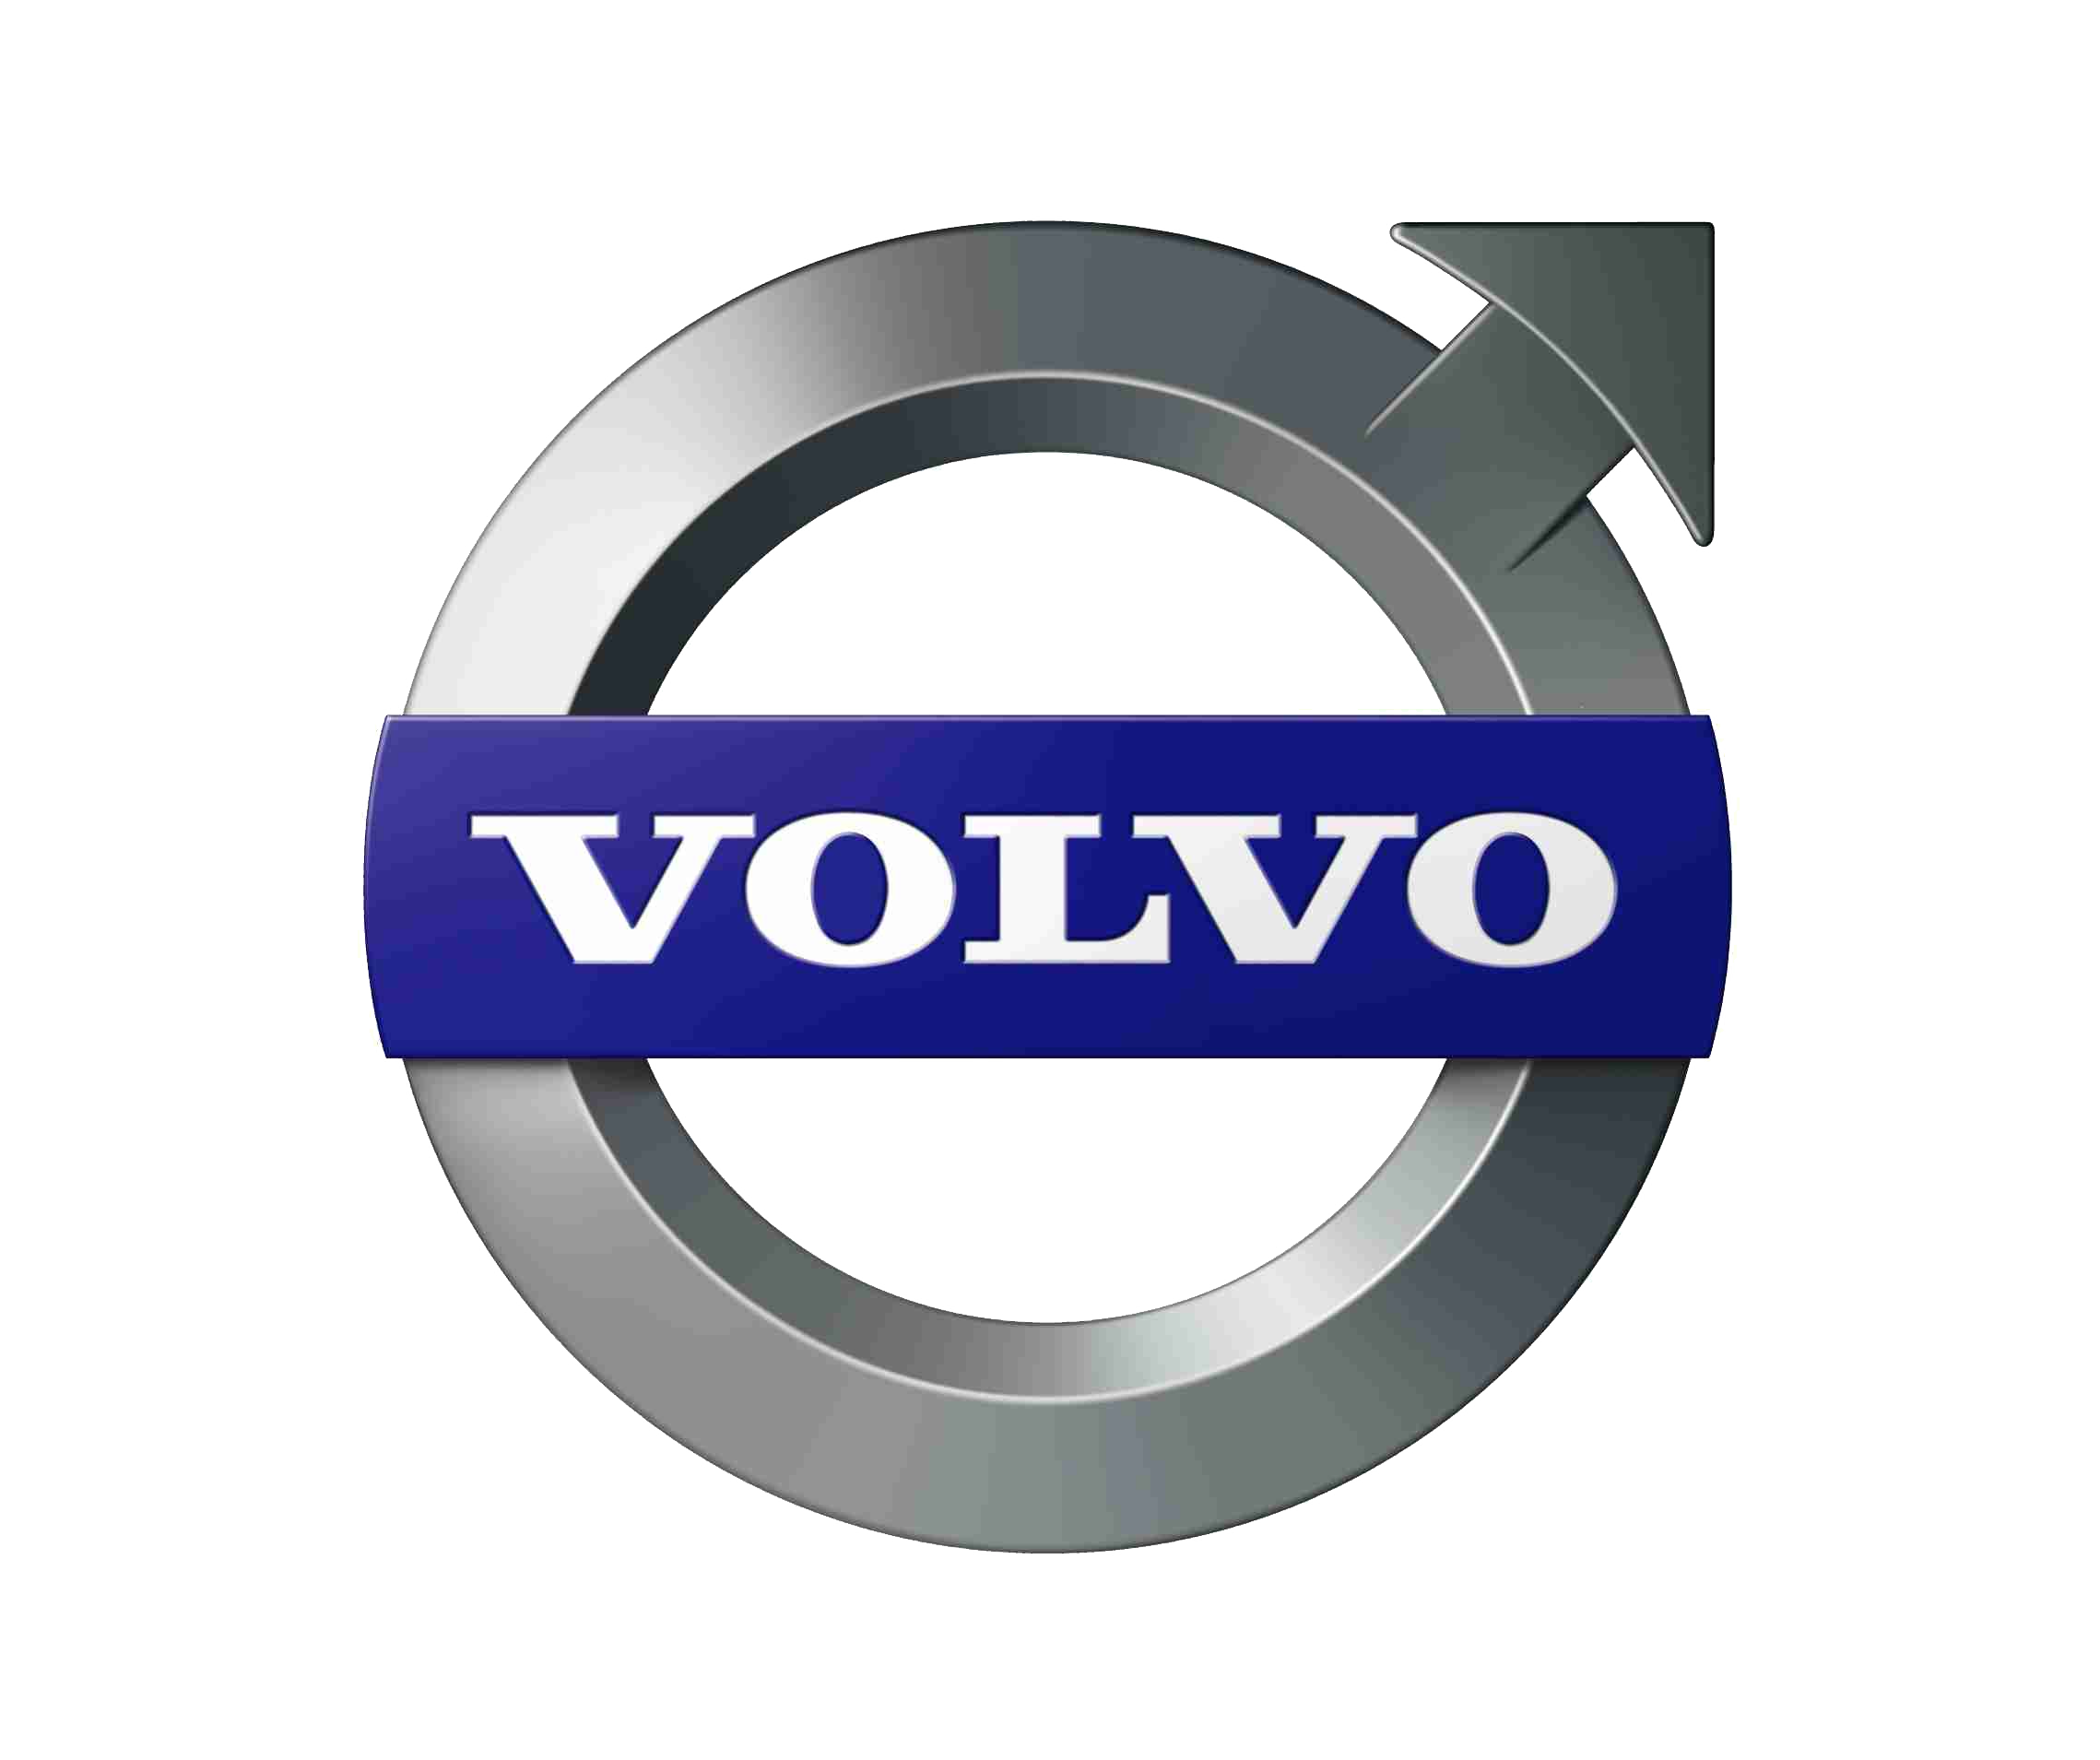 Volvocar_logo_PNG1668.png